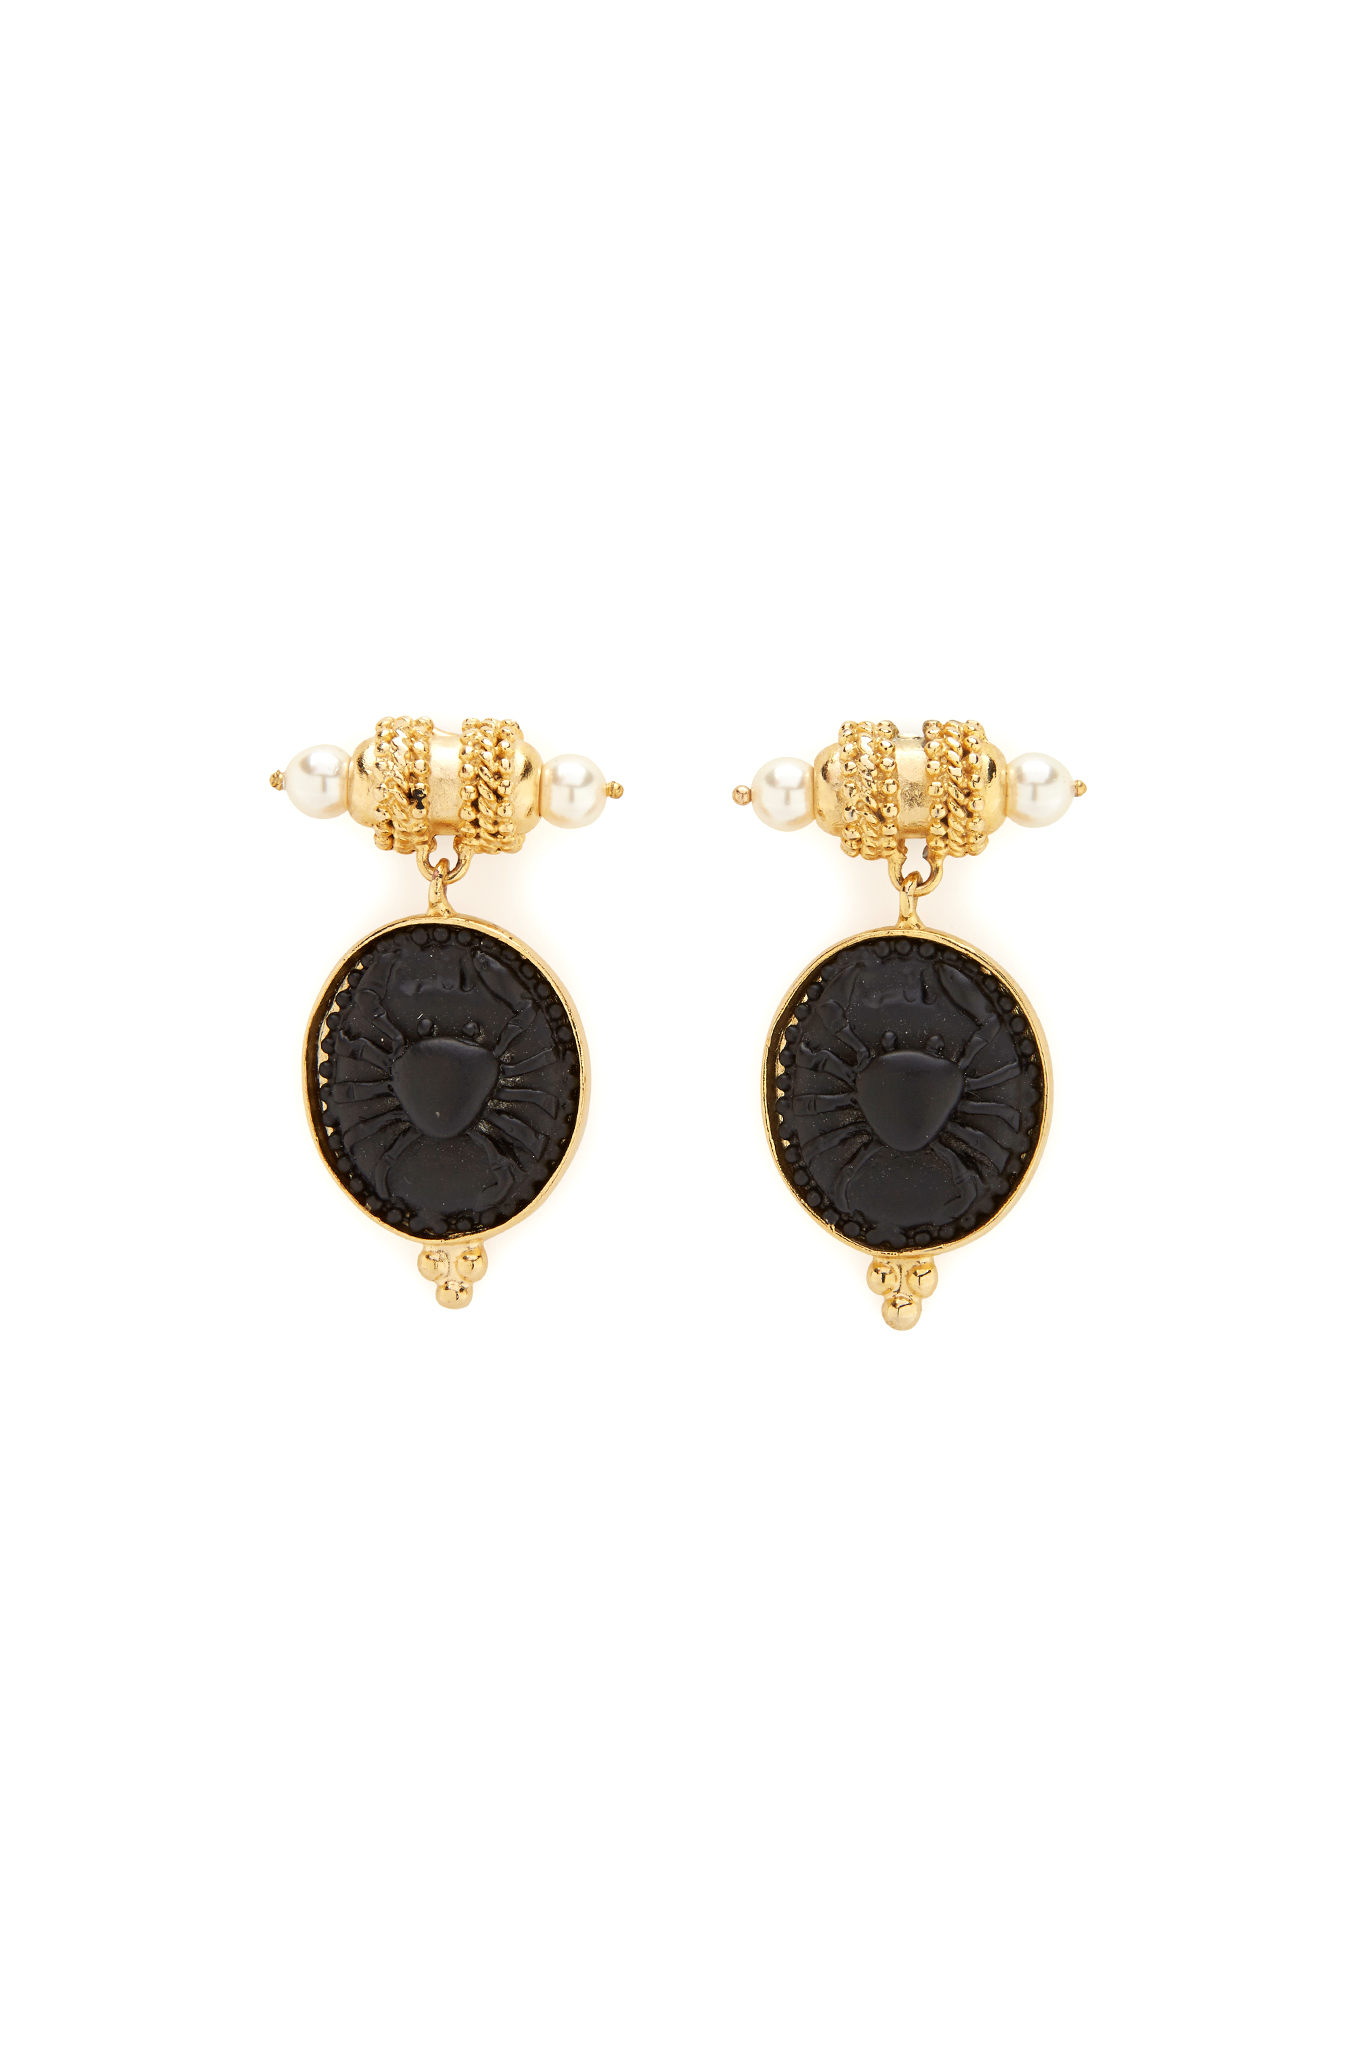 02-01-statement-earrings.jpg